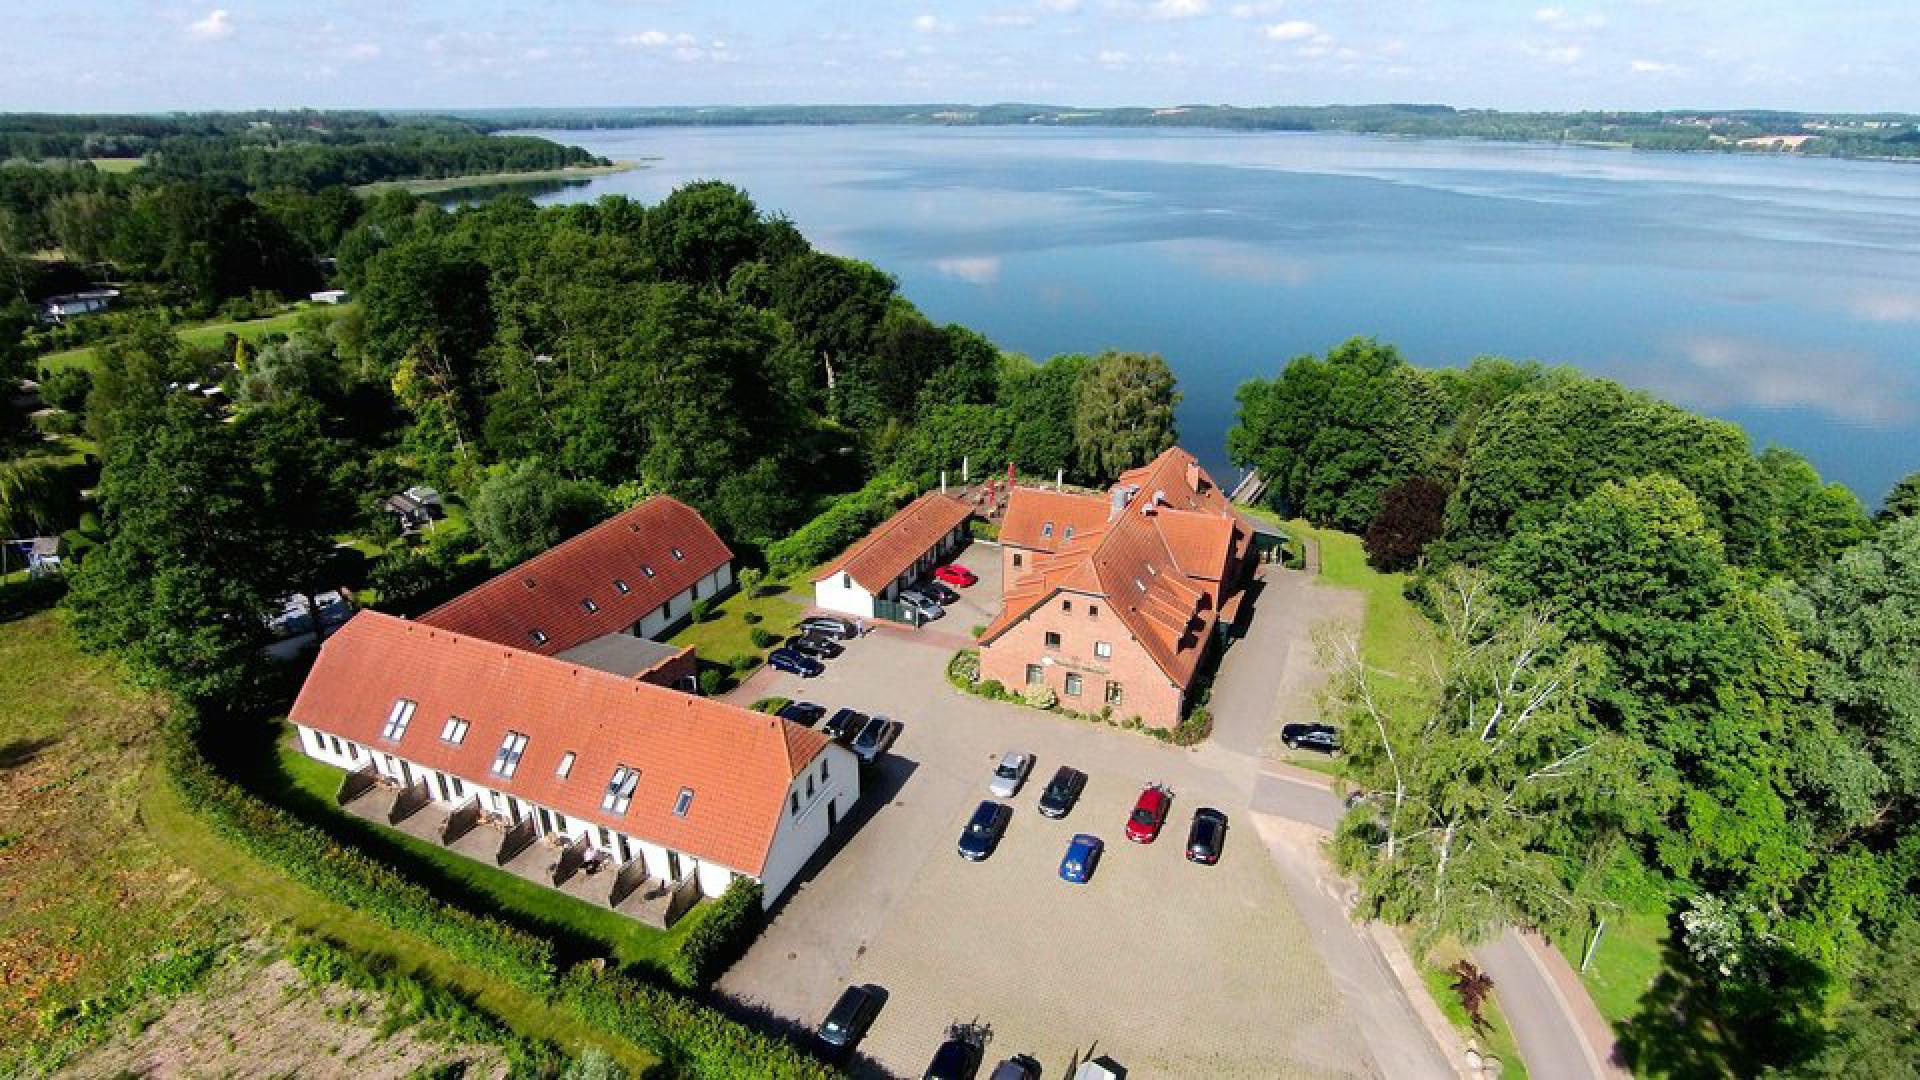 hotel-07-seehotel-heidehof_01_acb0006b7a